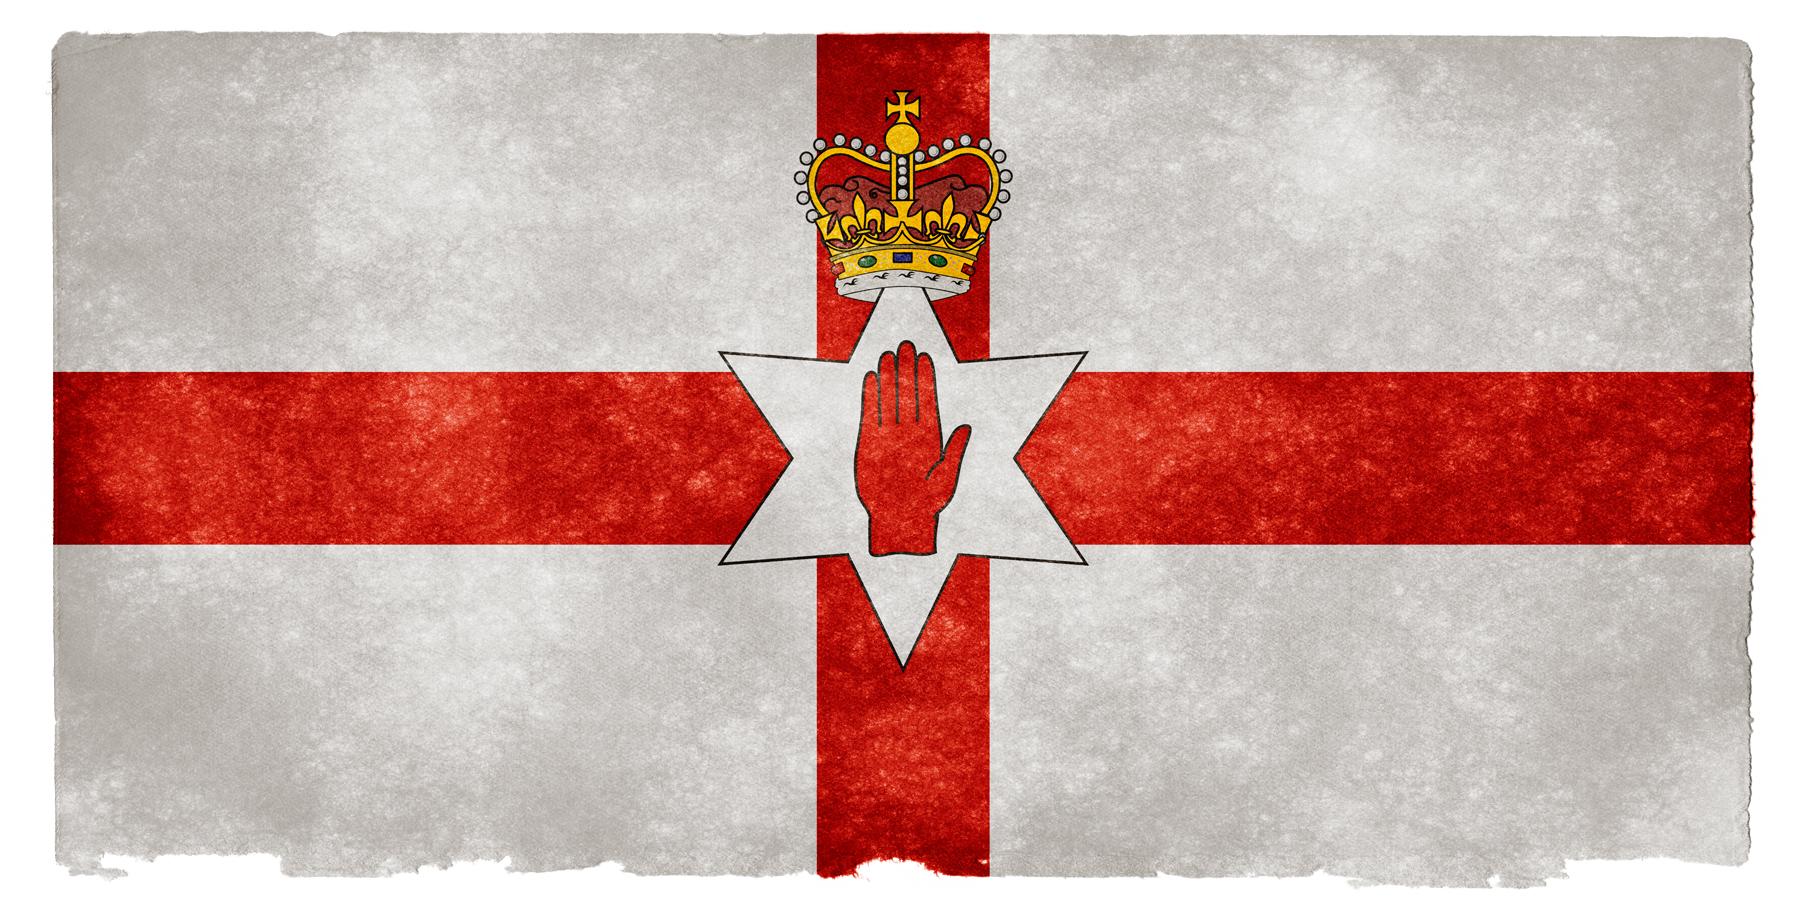 Northern Ireland Grunge Flag, Aged, Resource, North, Northern, HQ Photo